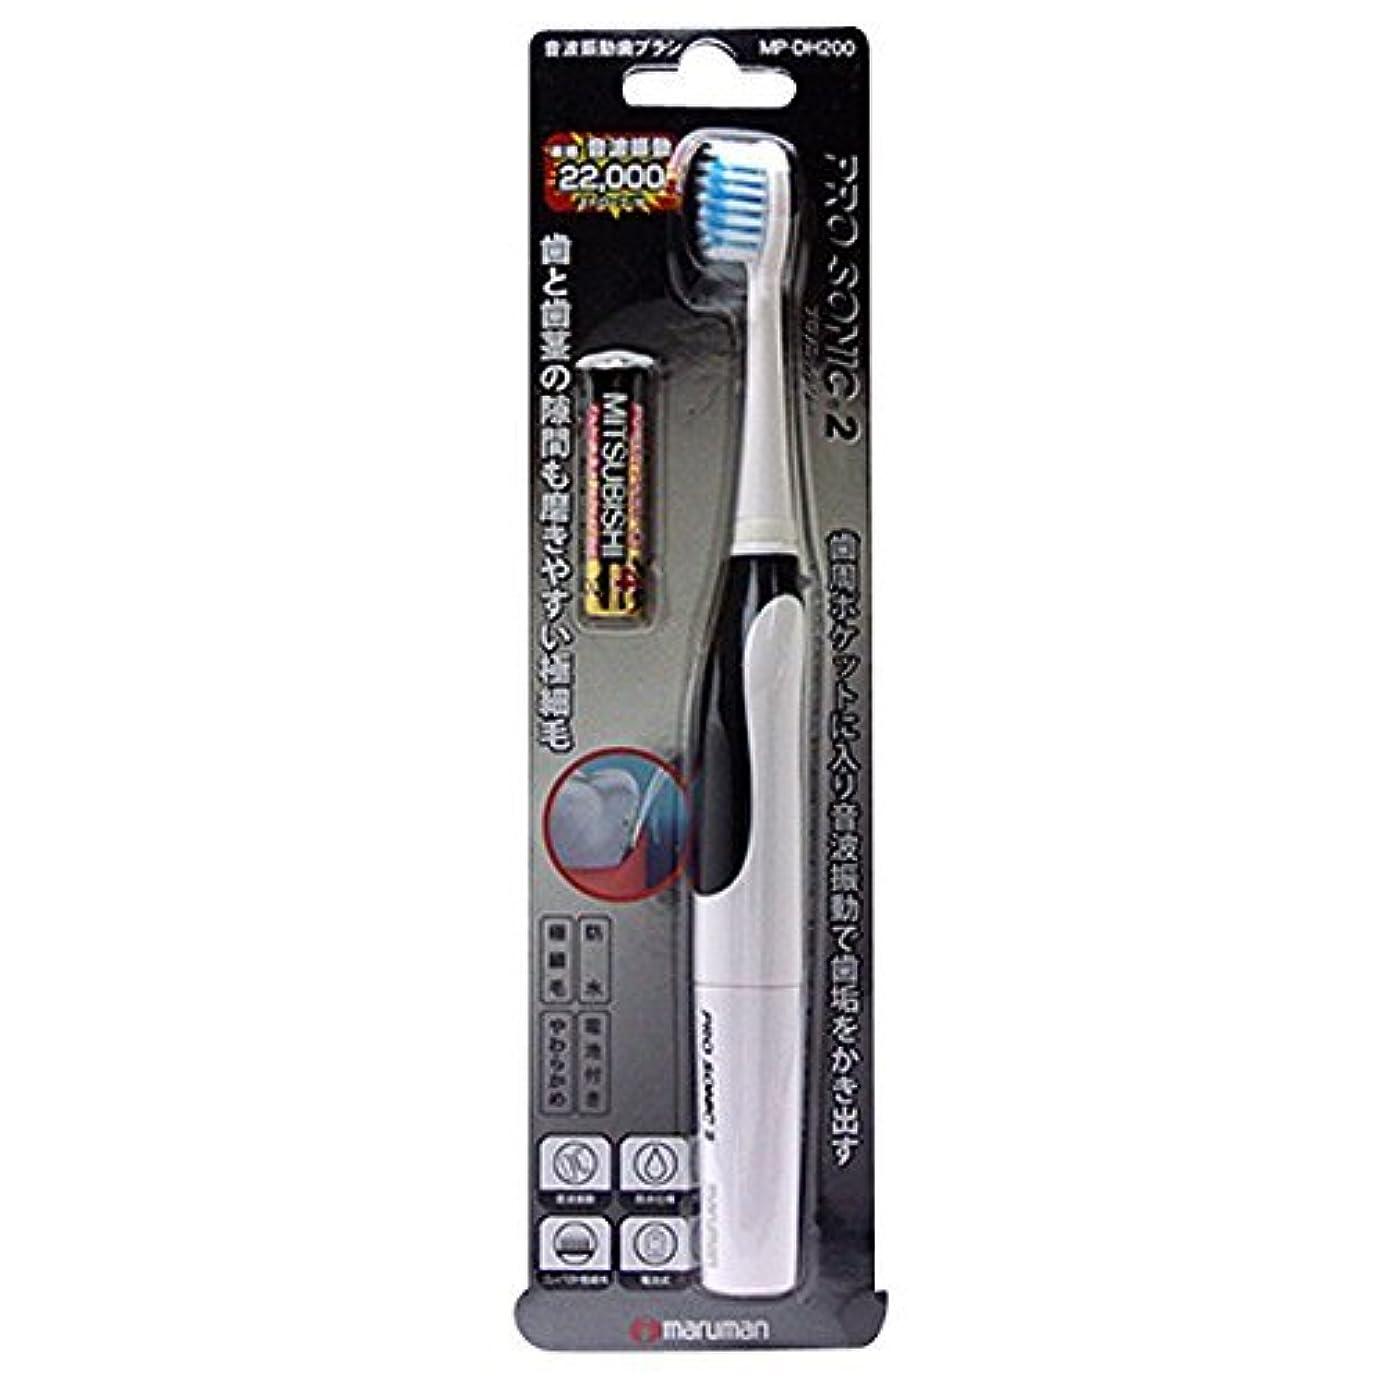 緯度幽霊西音波振動歯ブラシ PROSONIC2(プロソニック ツー) MP-DH200BK ブラック